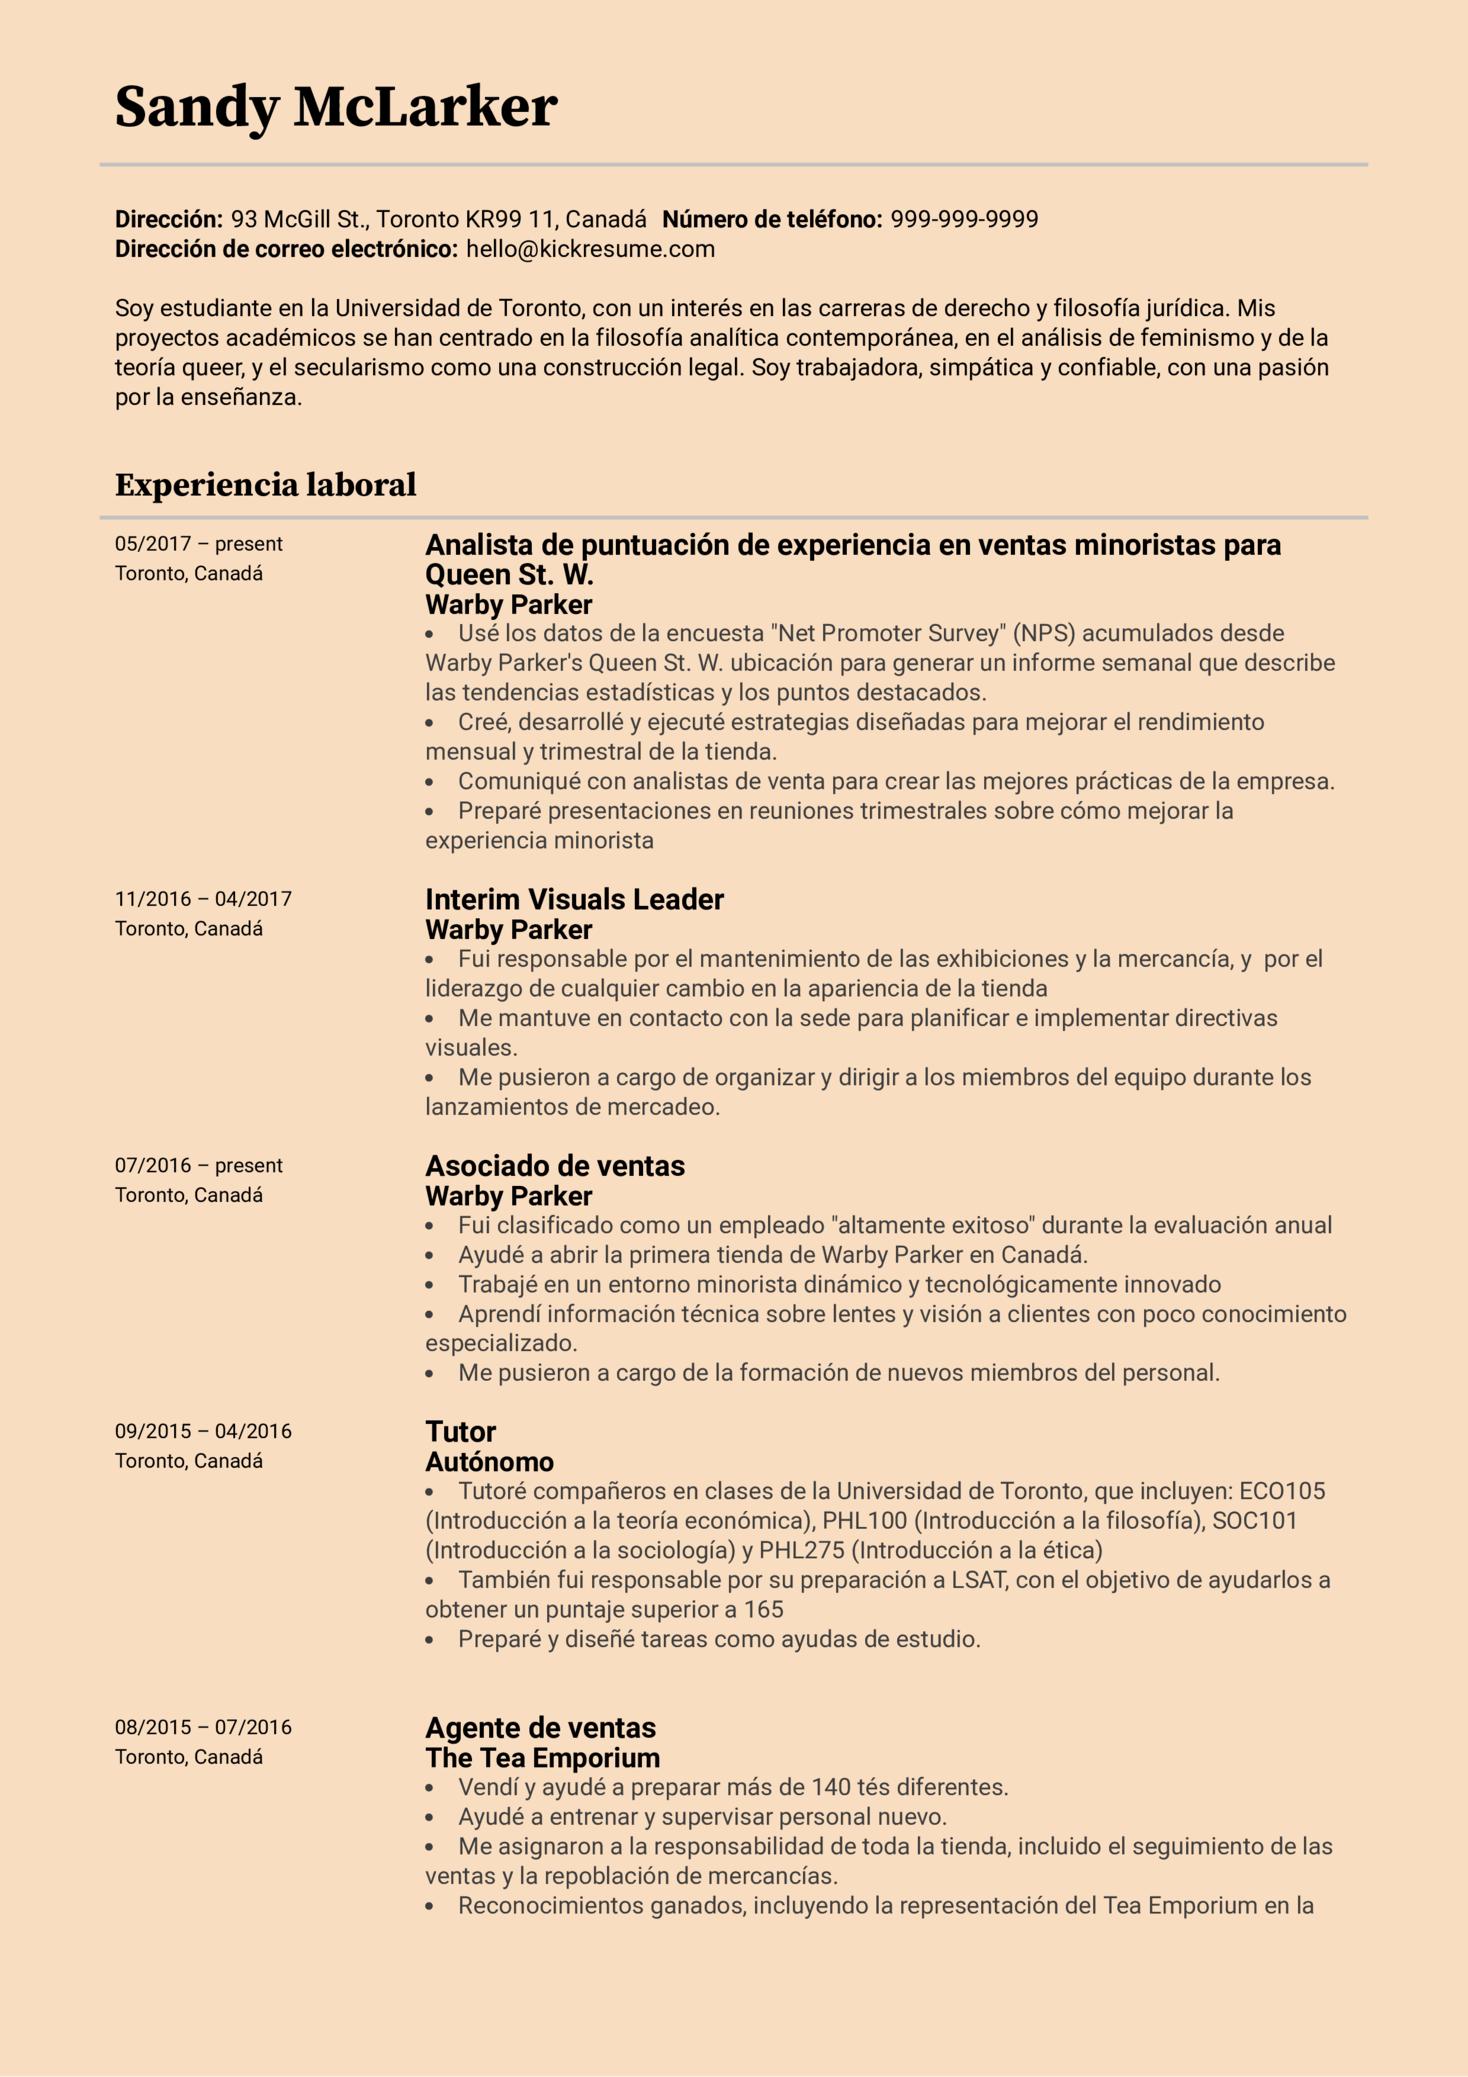 Analista con experiencia en minorista currículum ejemplo [ES] (Part 1)